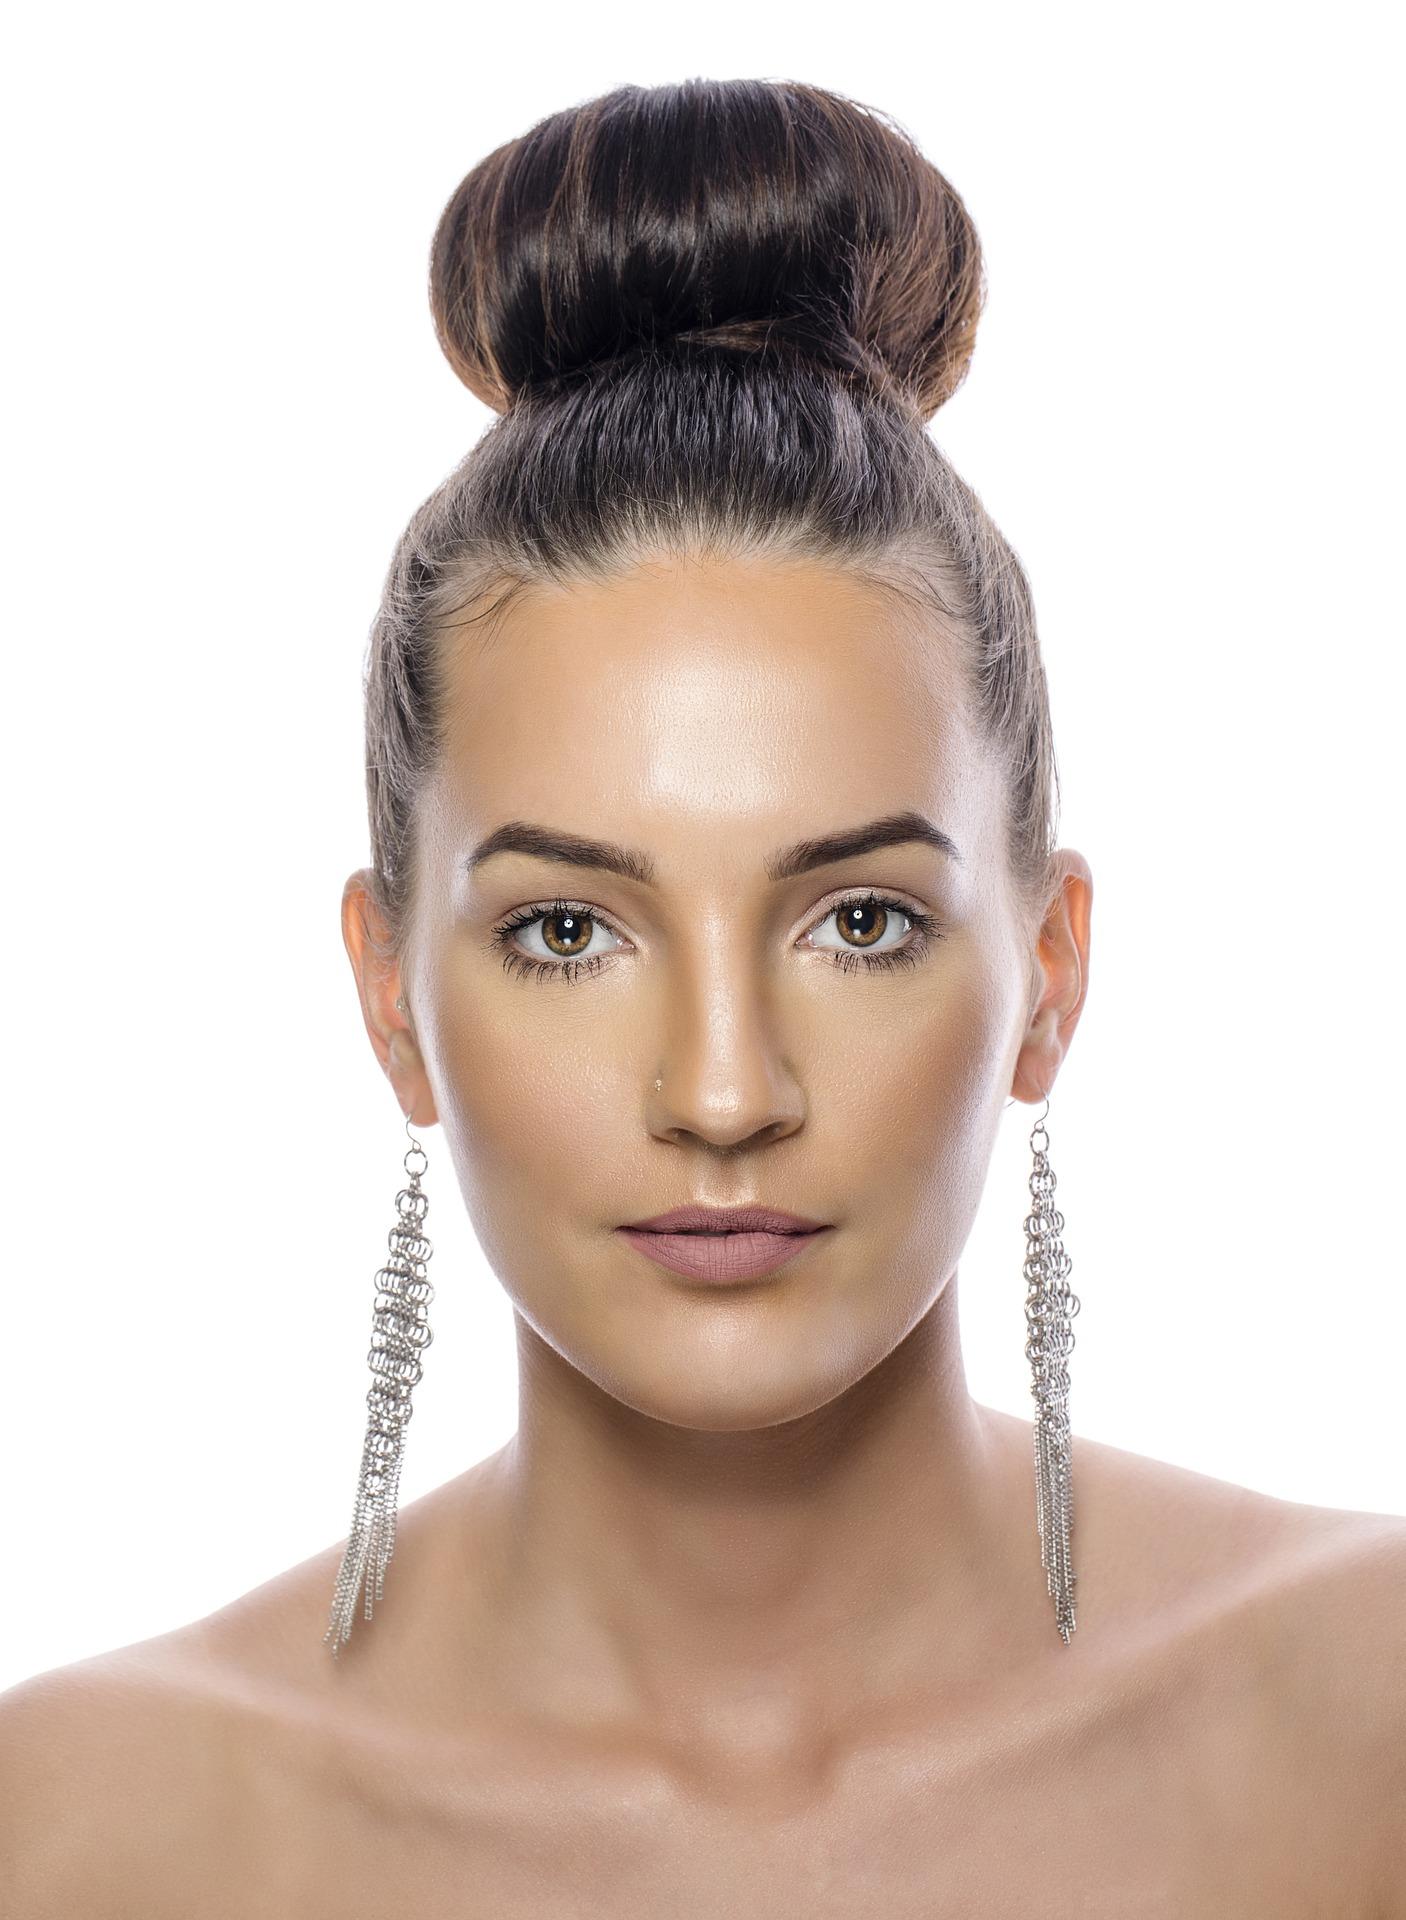 איך שומרים על תוספות שיער בקיץ? - רפאל אוסמו, מעצב השיער מנהריה